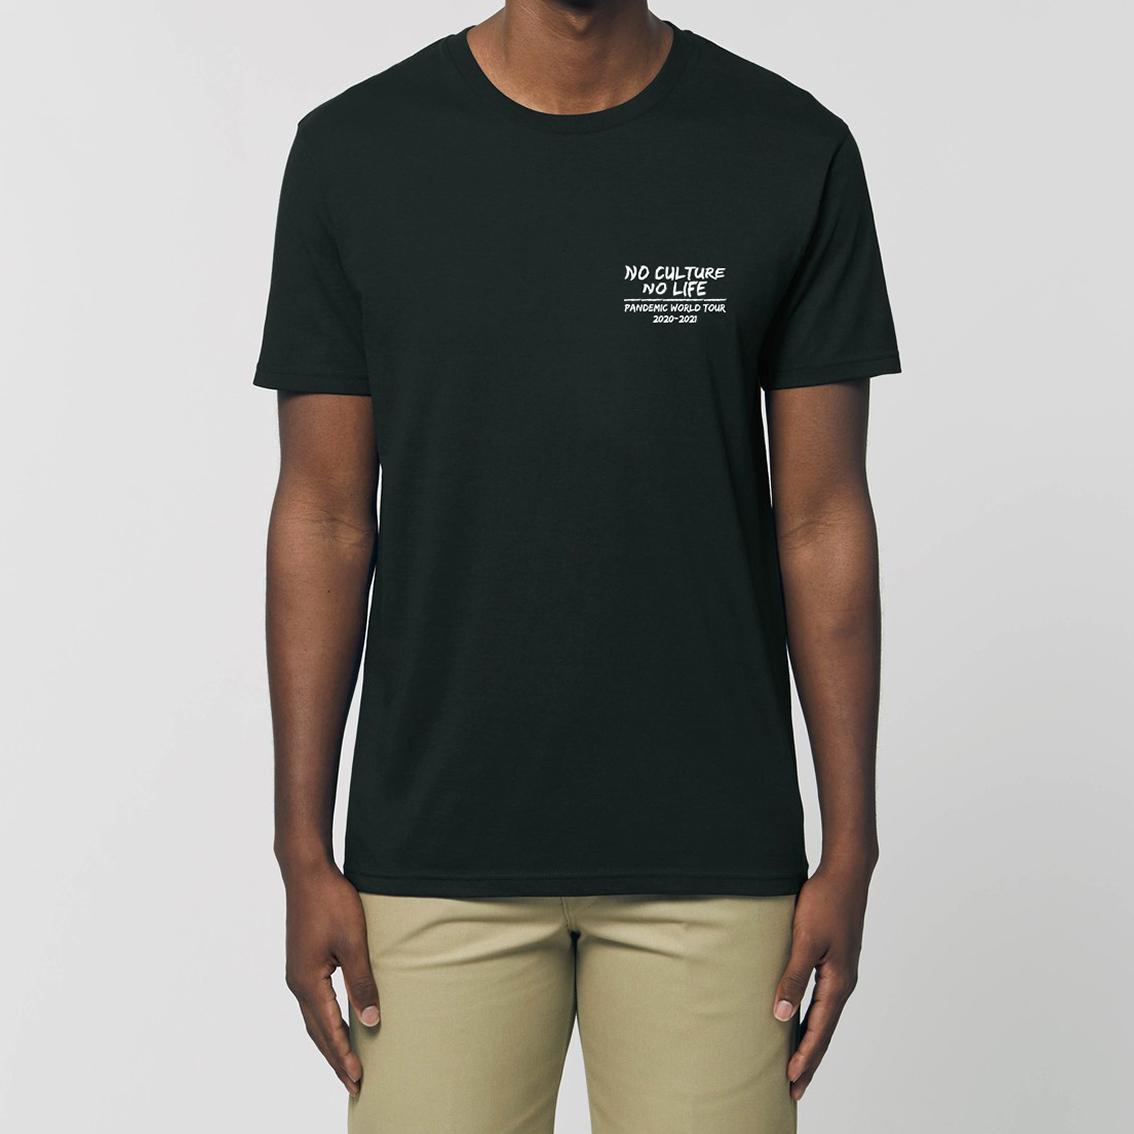 Tourhafen Crewshirt 2020/21 Untailliertes Shirt Black